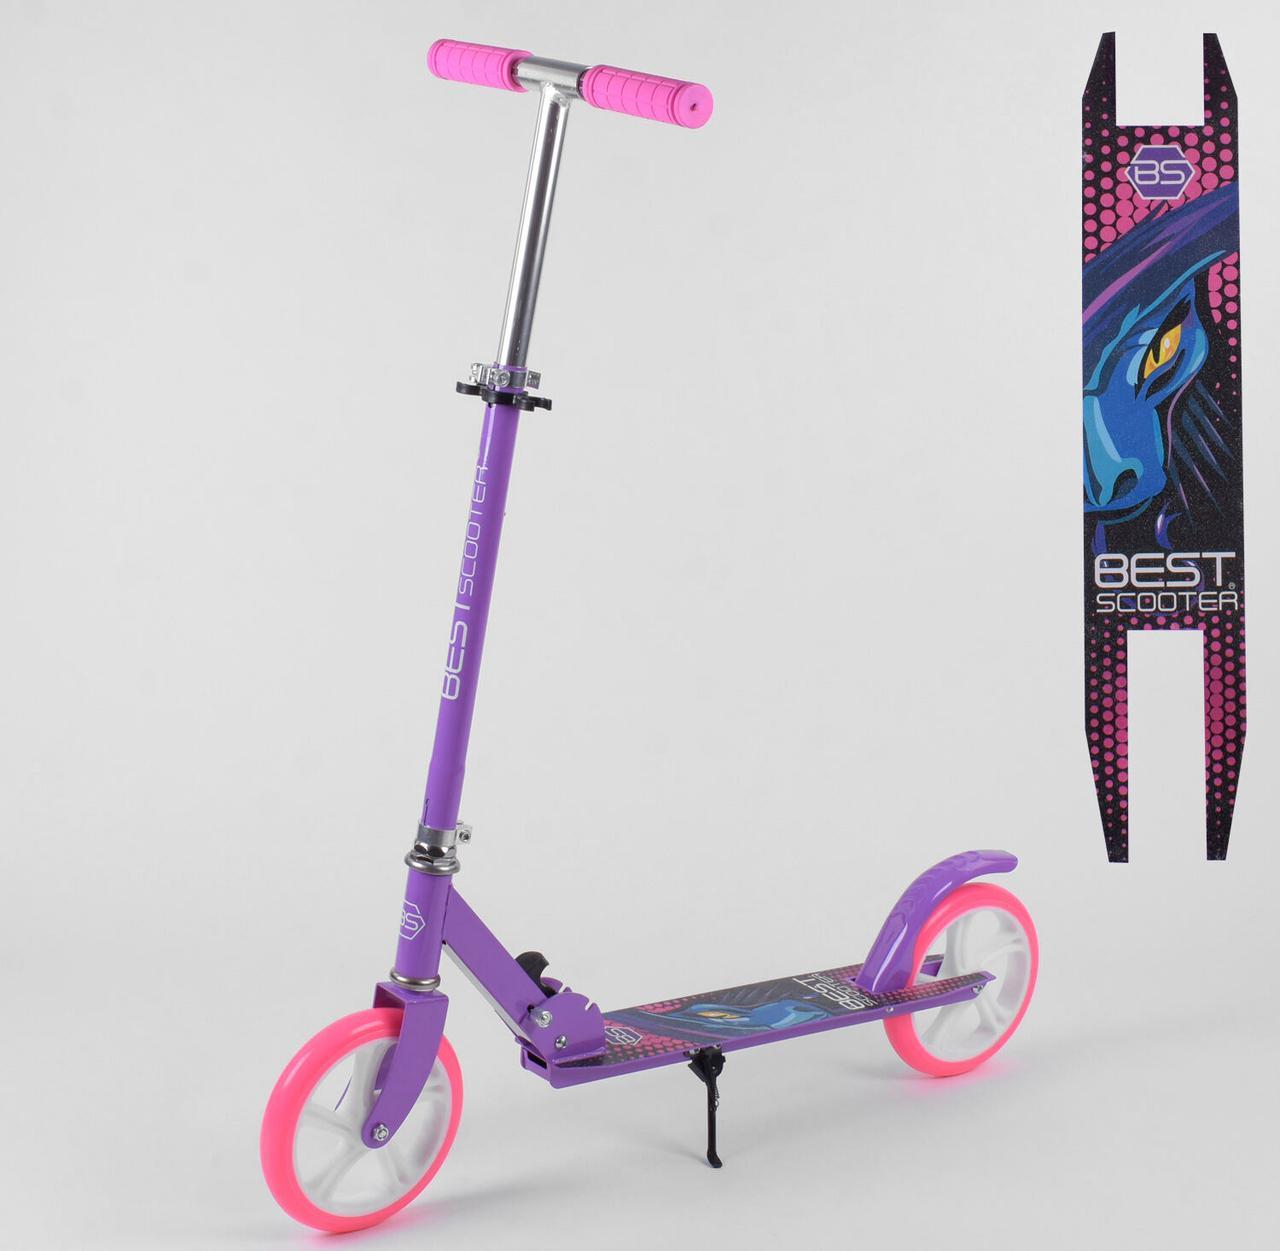 Самокат двухколесный Фиолетовый, колеса PU, d=20см, грипсы резиновые, длина доски 52см, ширина деки 10см